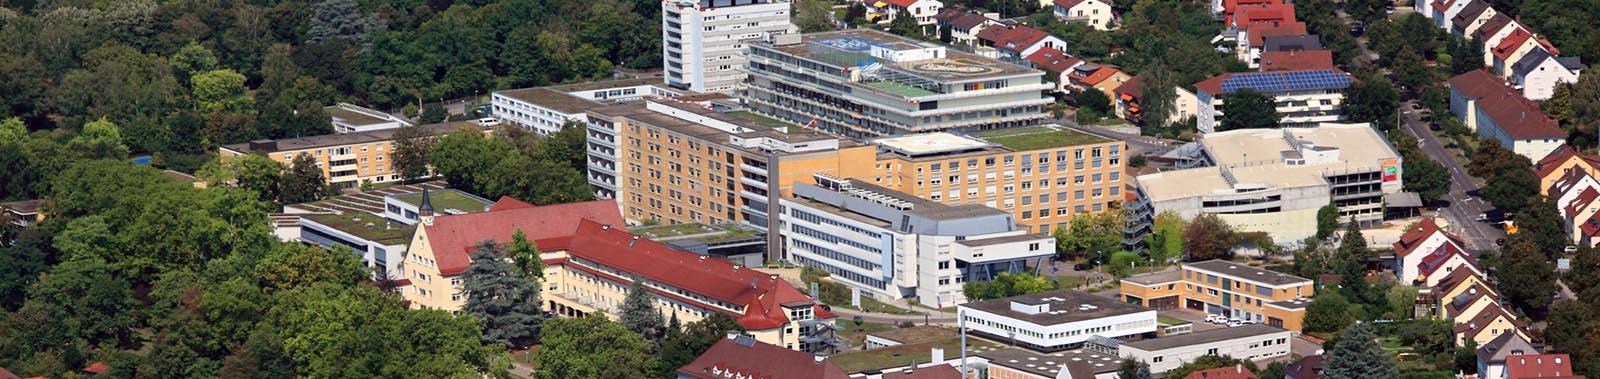 csm_klinikum-esslingen-1600_8b7d392974.j